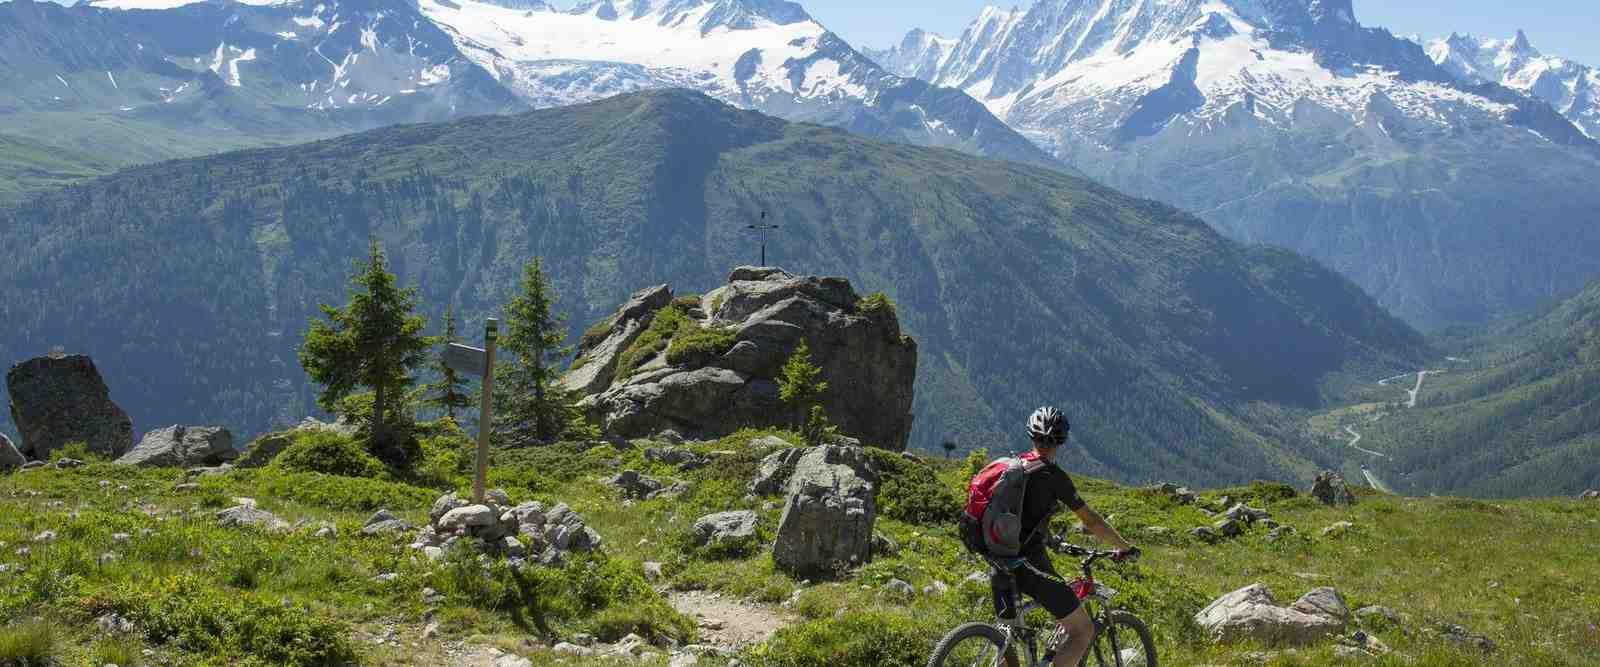 VTT électrique face au Mont Blanc